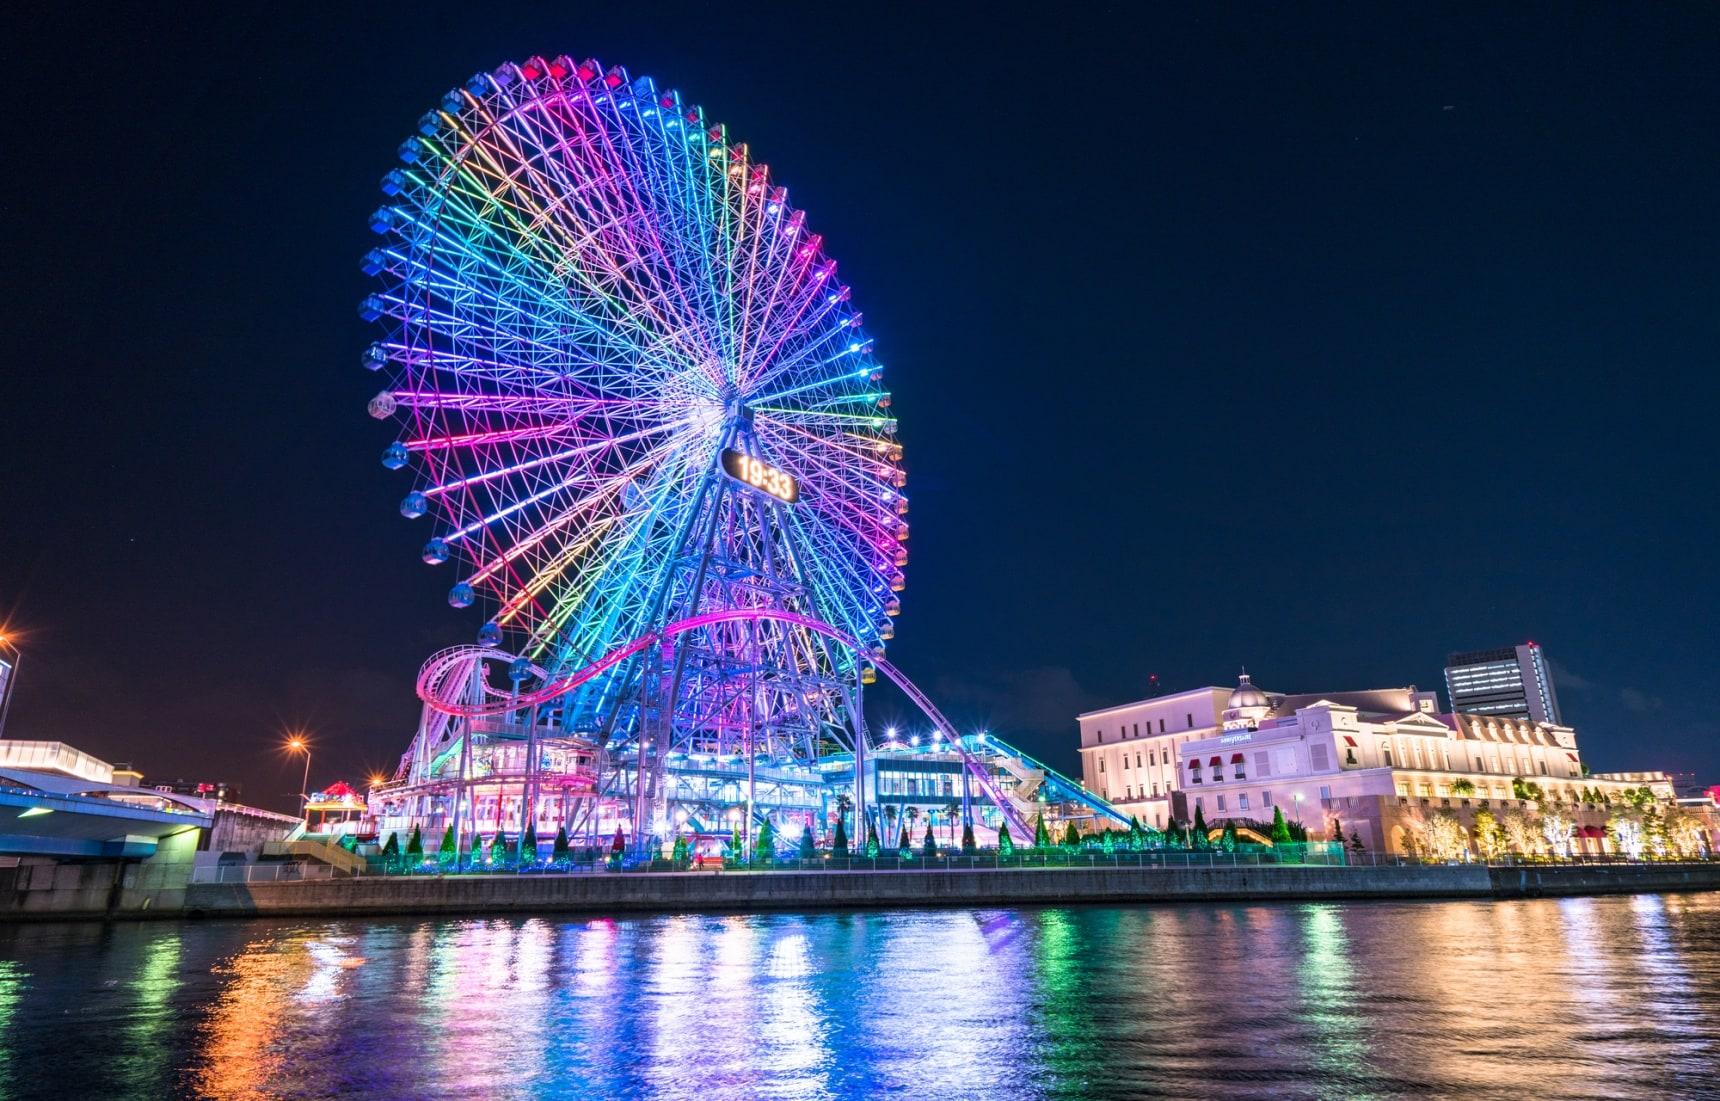 กินลมชมวิวกับ 10 สุดยอดชิงช้าสวรรค์ของญี่ปุ่น